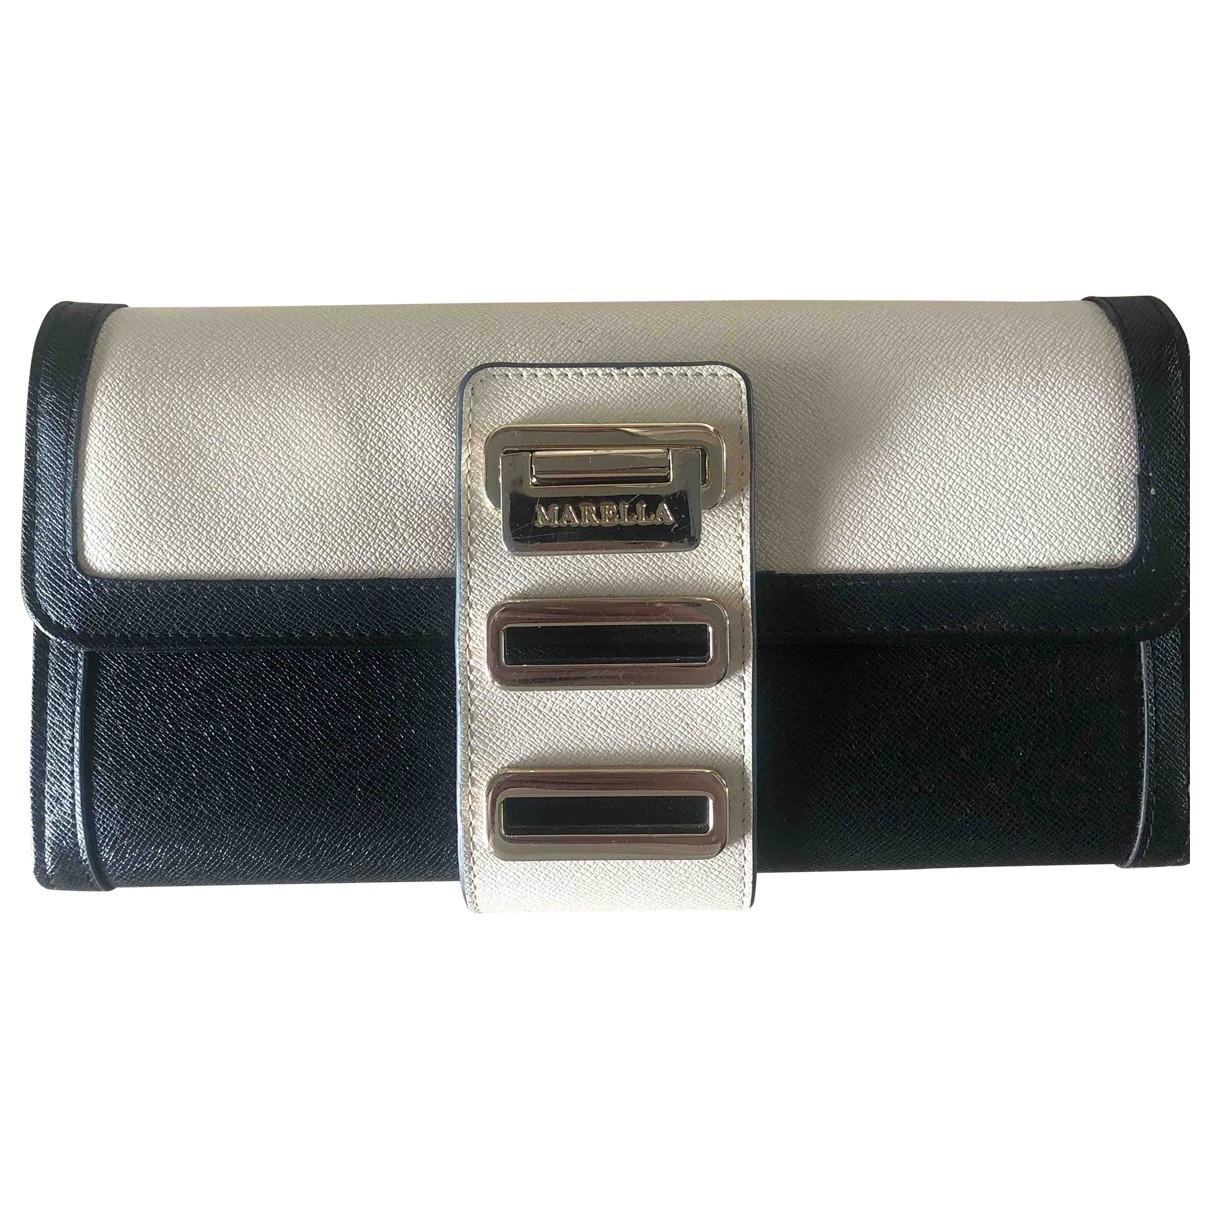 Marella \N Black Leather Clutch bag for Women \N